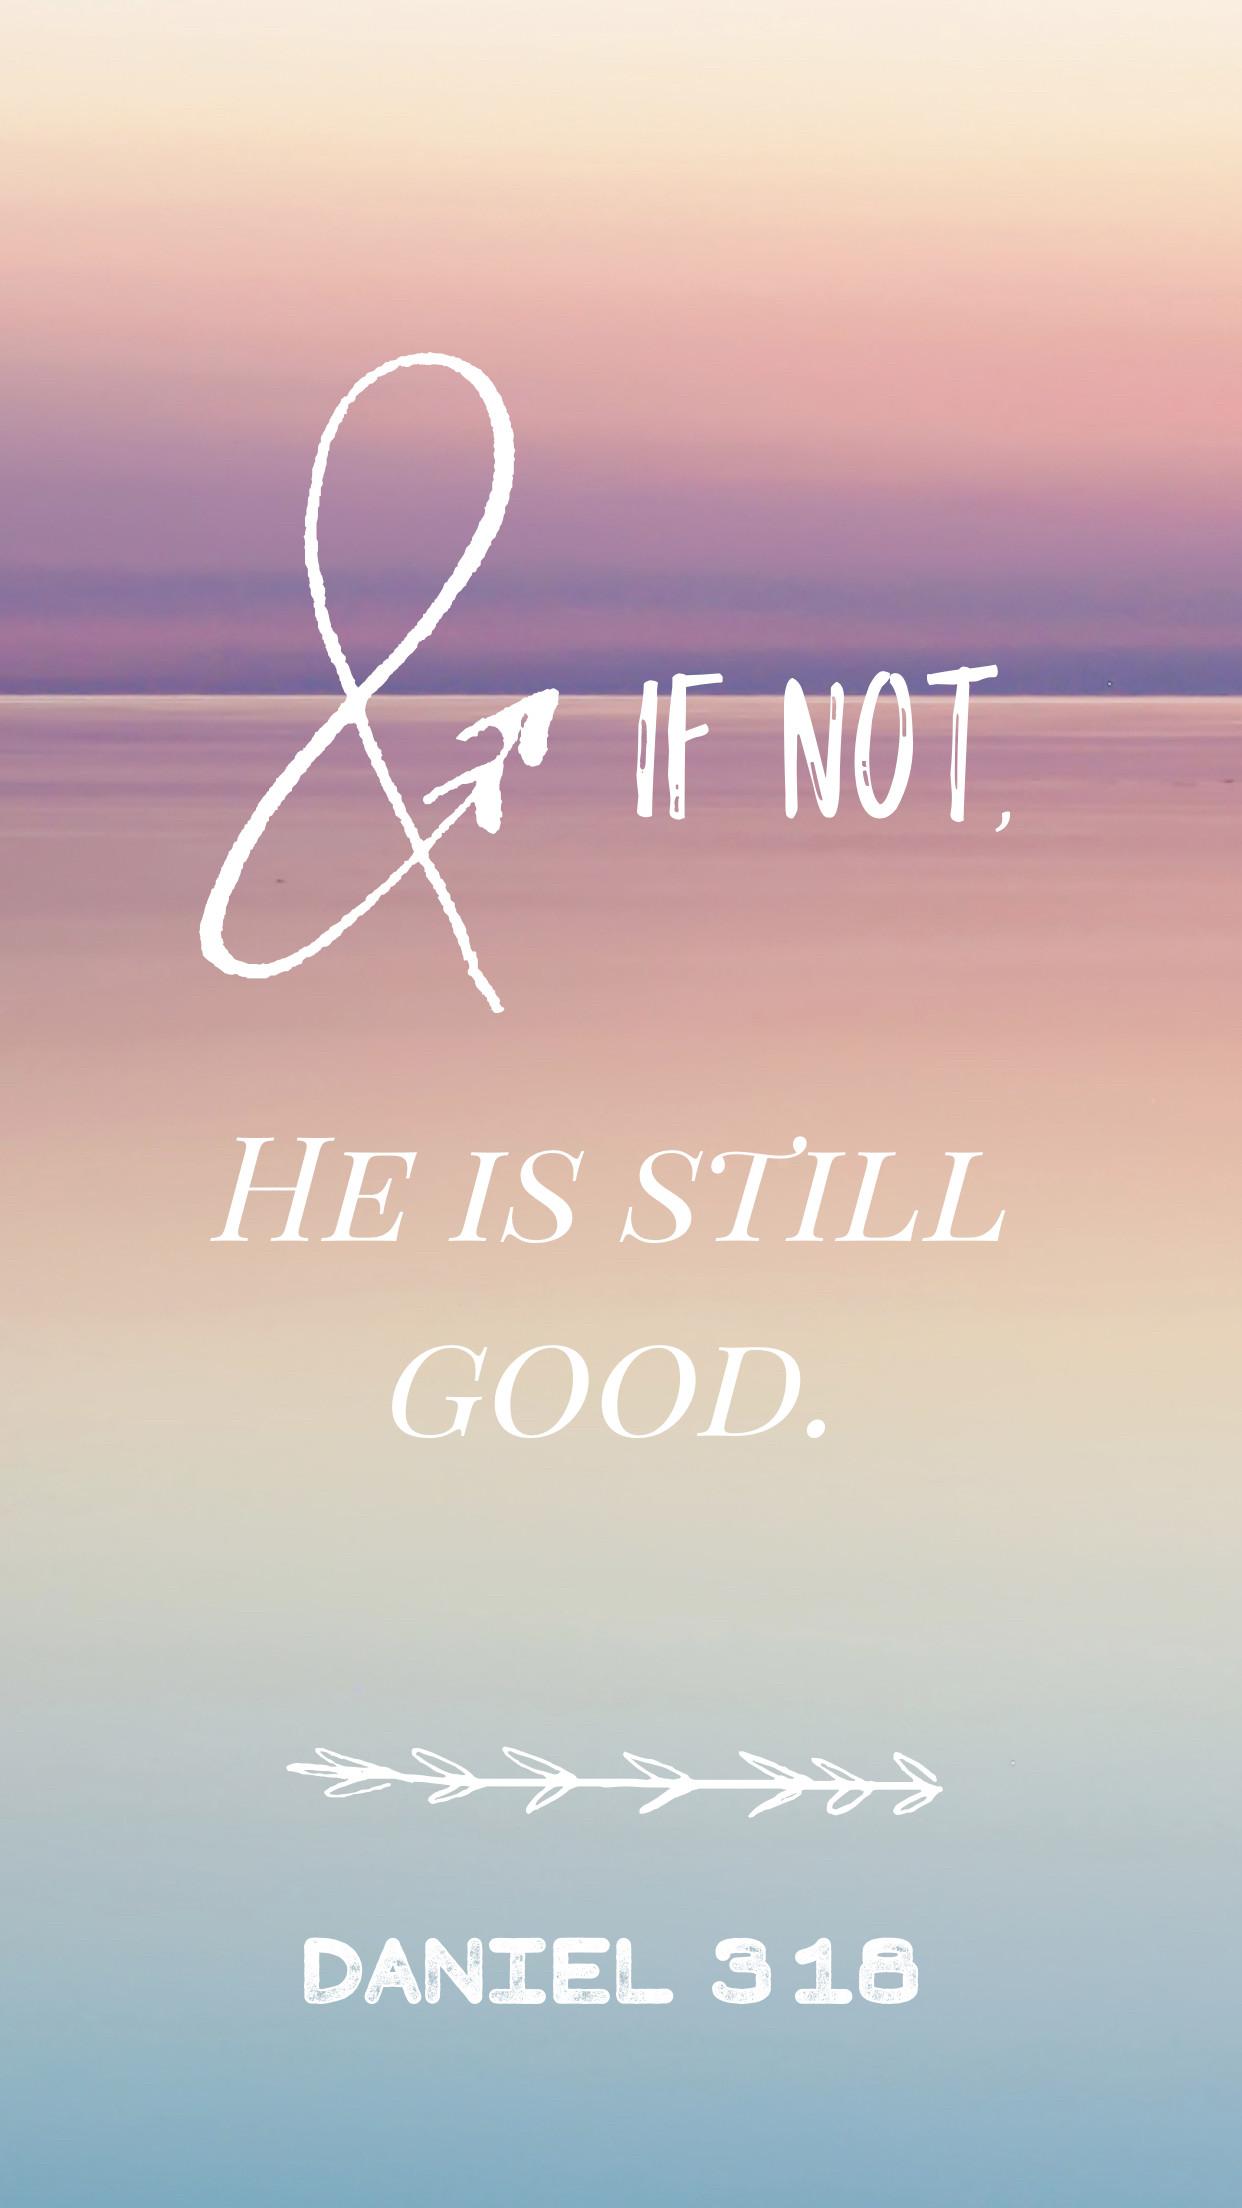 Phone wallpaper-Daniel 3:18